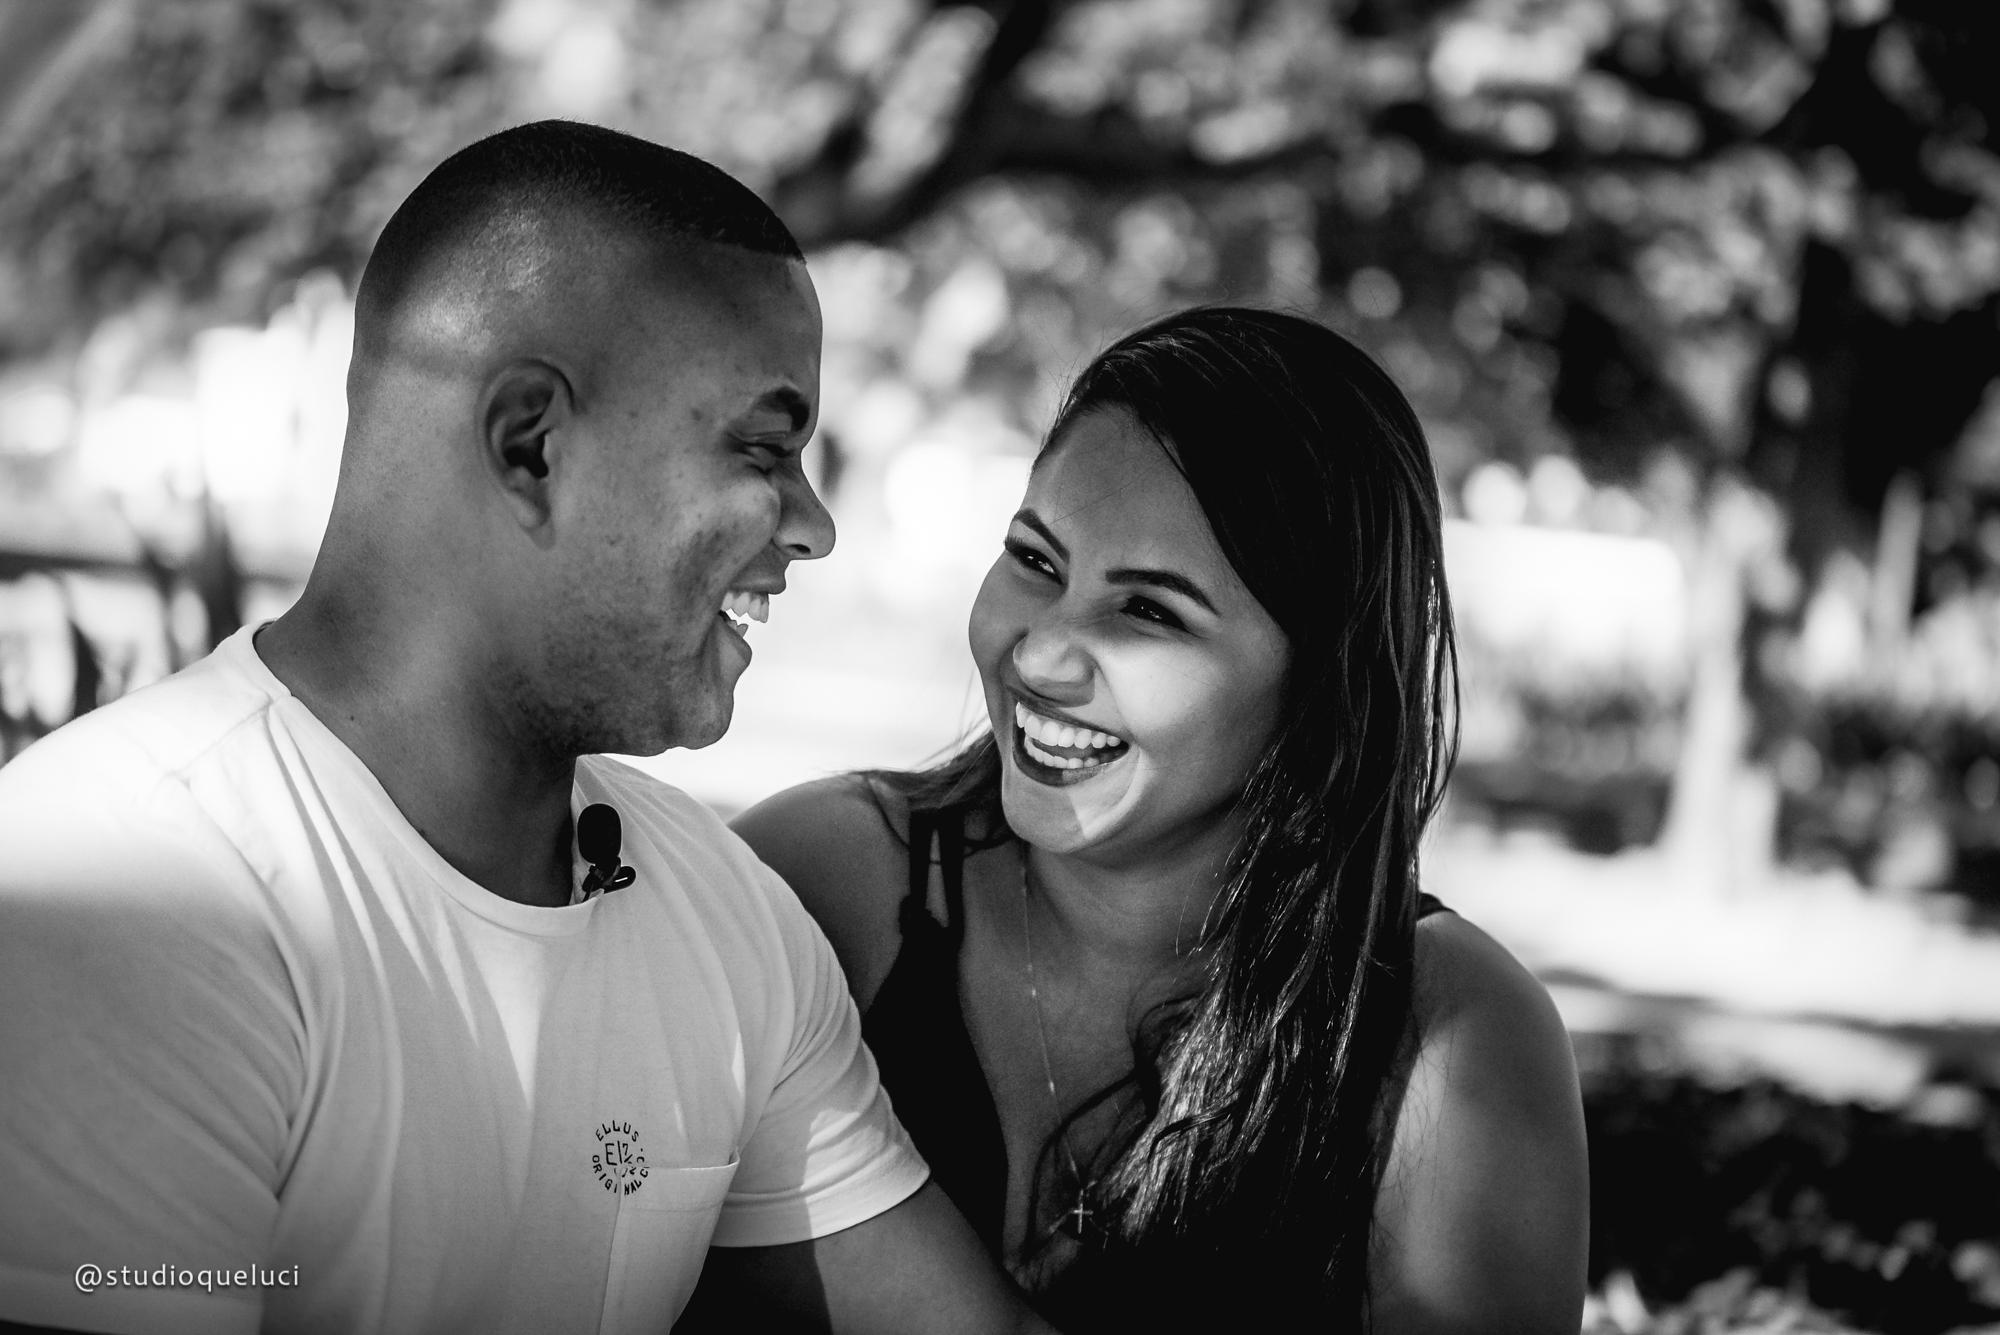 Fotografo de casamento ensaio pre casamento (57)